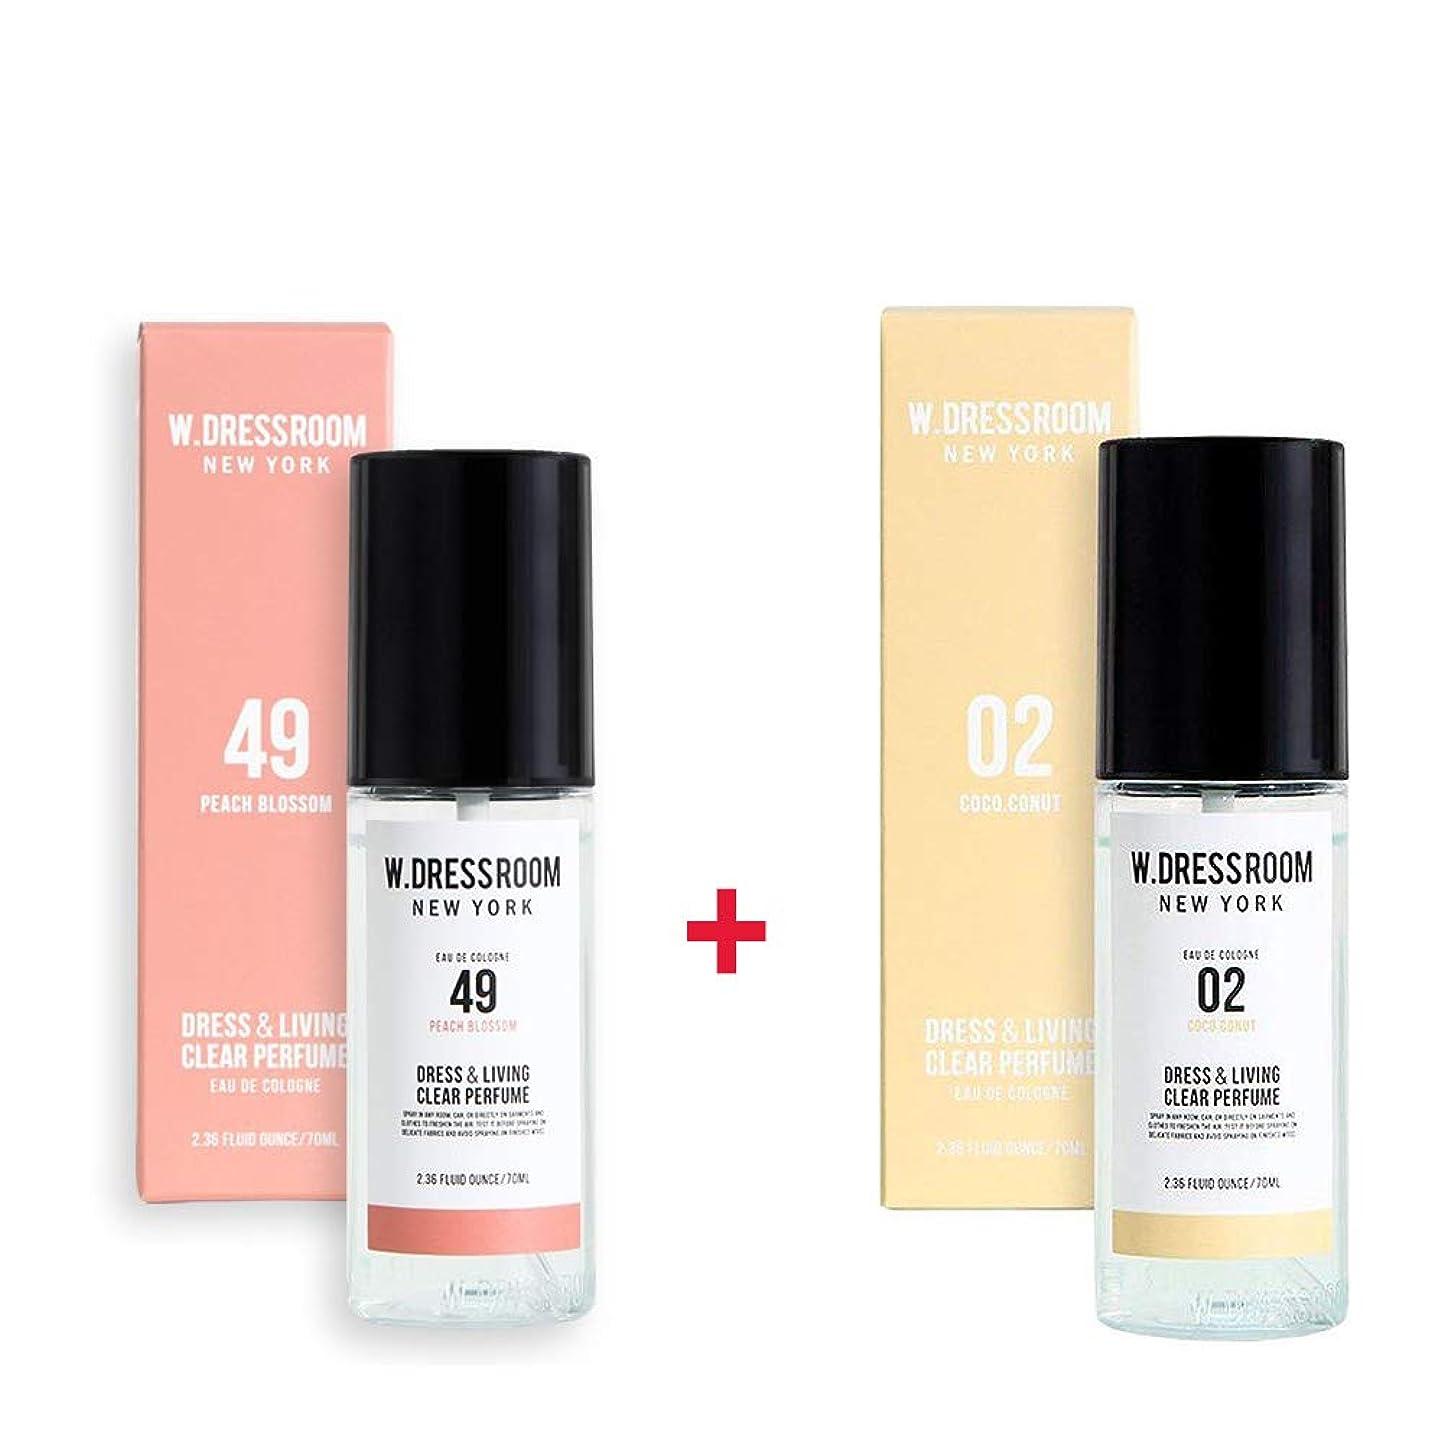 トランペット一般緑W.DRESSROOM Dress & Living Clear Perfume 70ml (No 49 Peach Blossom)+(No .02 Coco Conut)